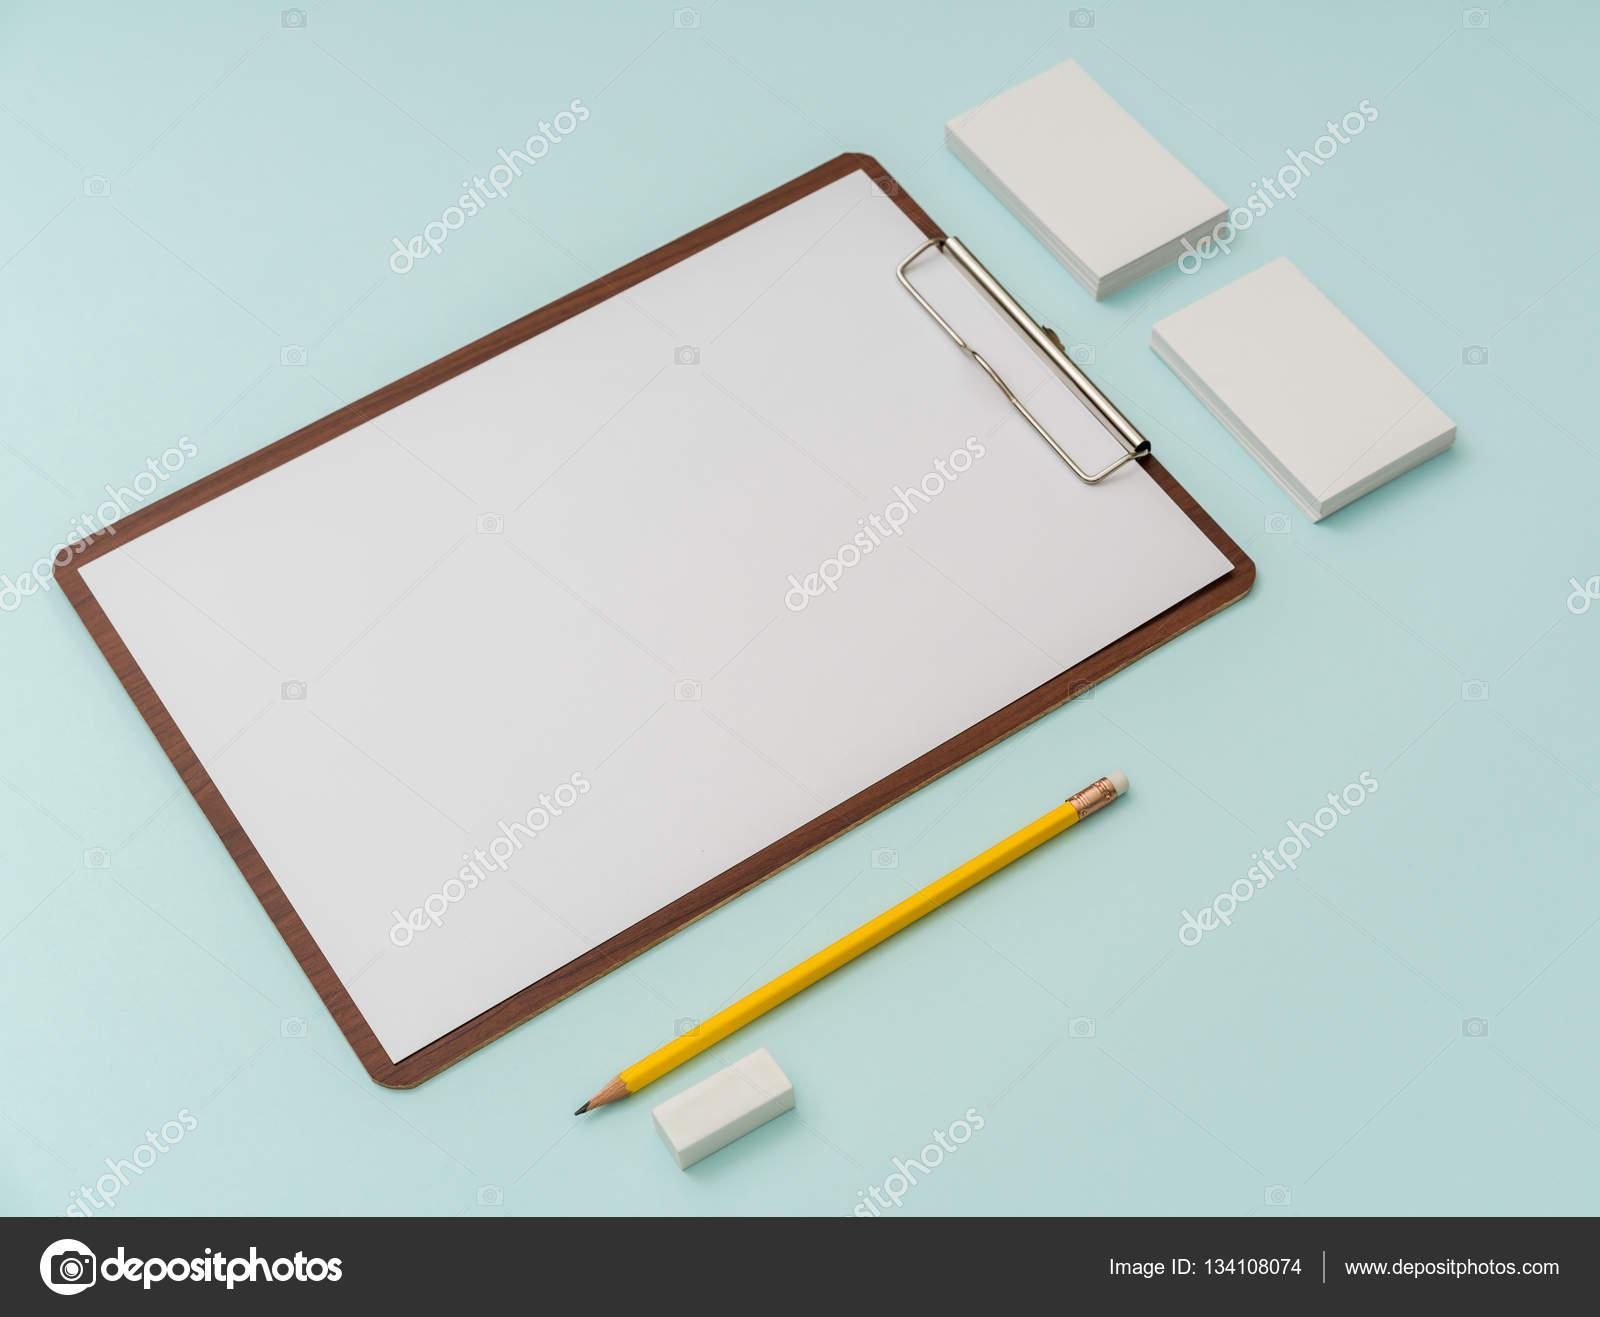 Clip Conseil Papier Crayon Et Carte De Visite Sur Fond Bleu Images Stock Libres Droits